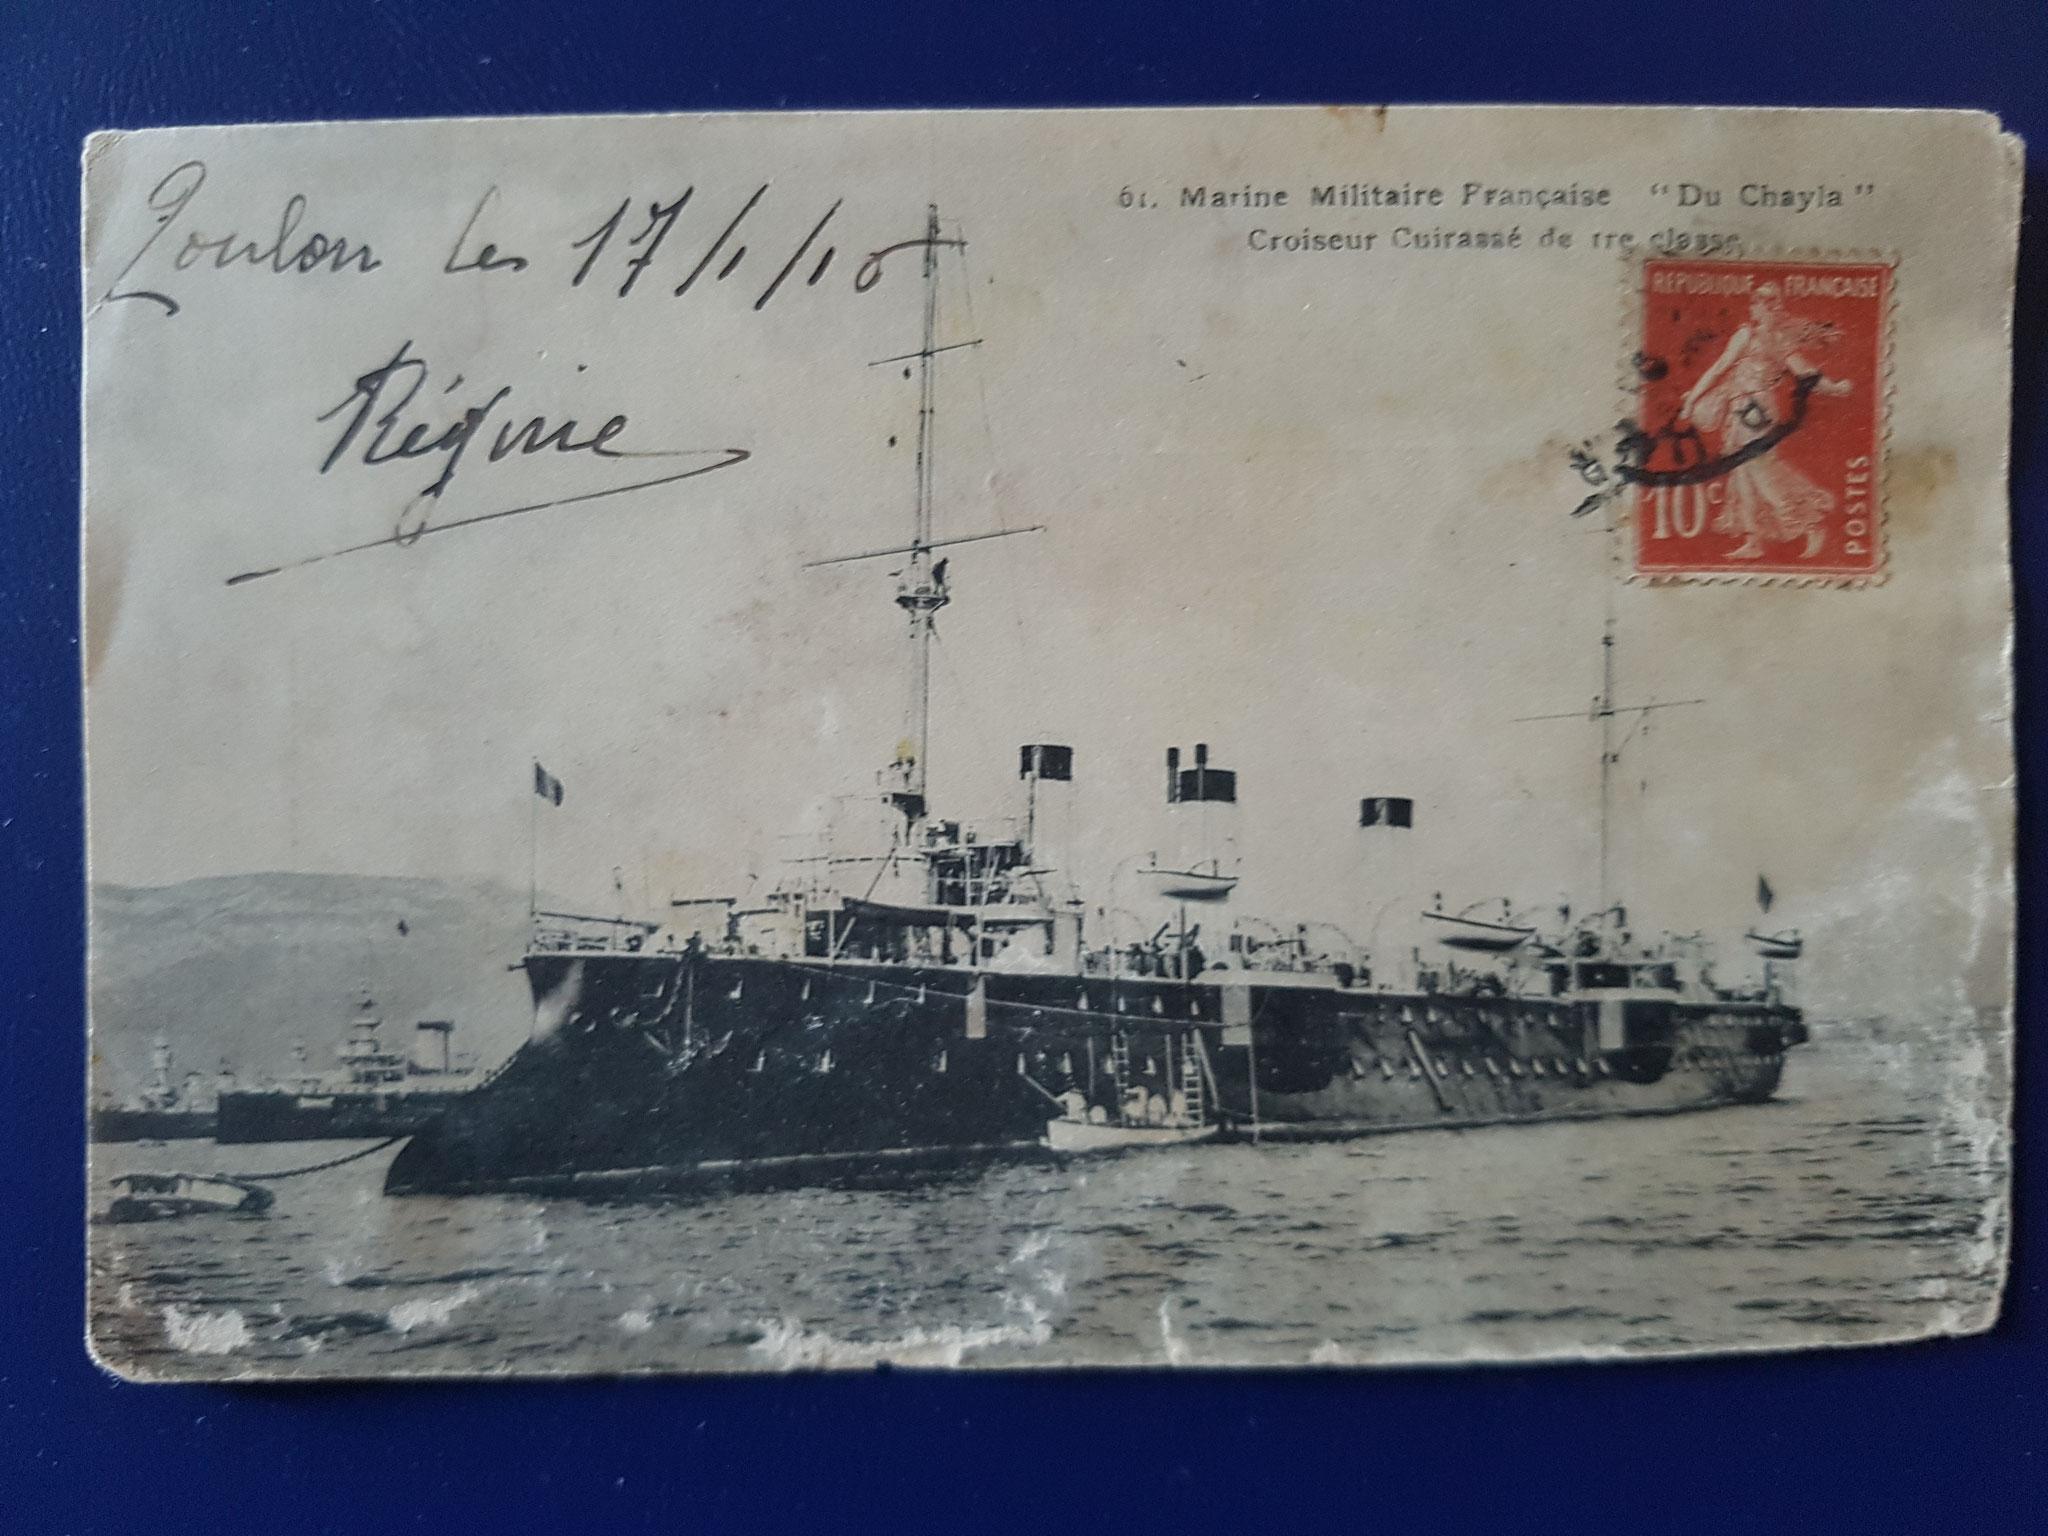 40: Marine Militaire Francaise 'Du Chayla' Croiseur Cuirasse de tre classe